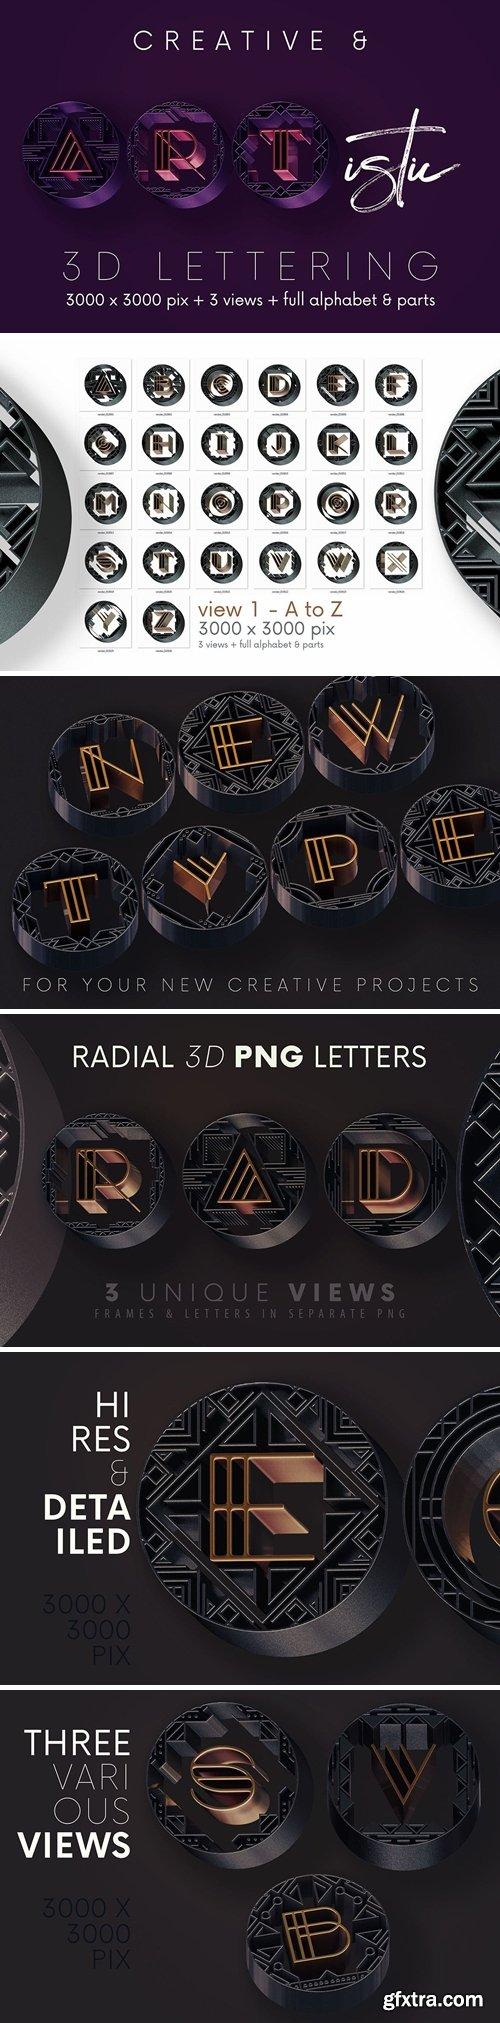 Artdeco Radial - 3D Lettering